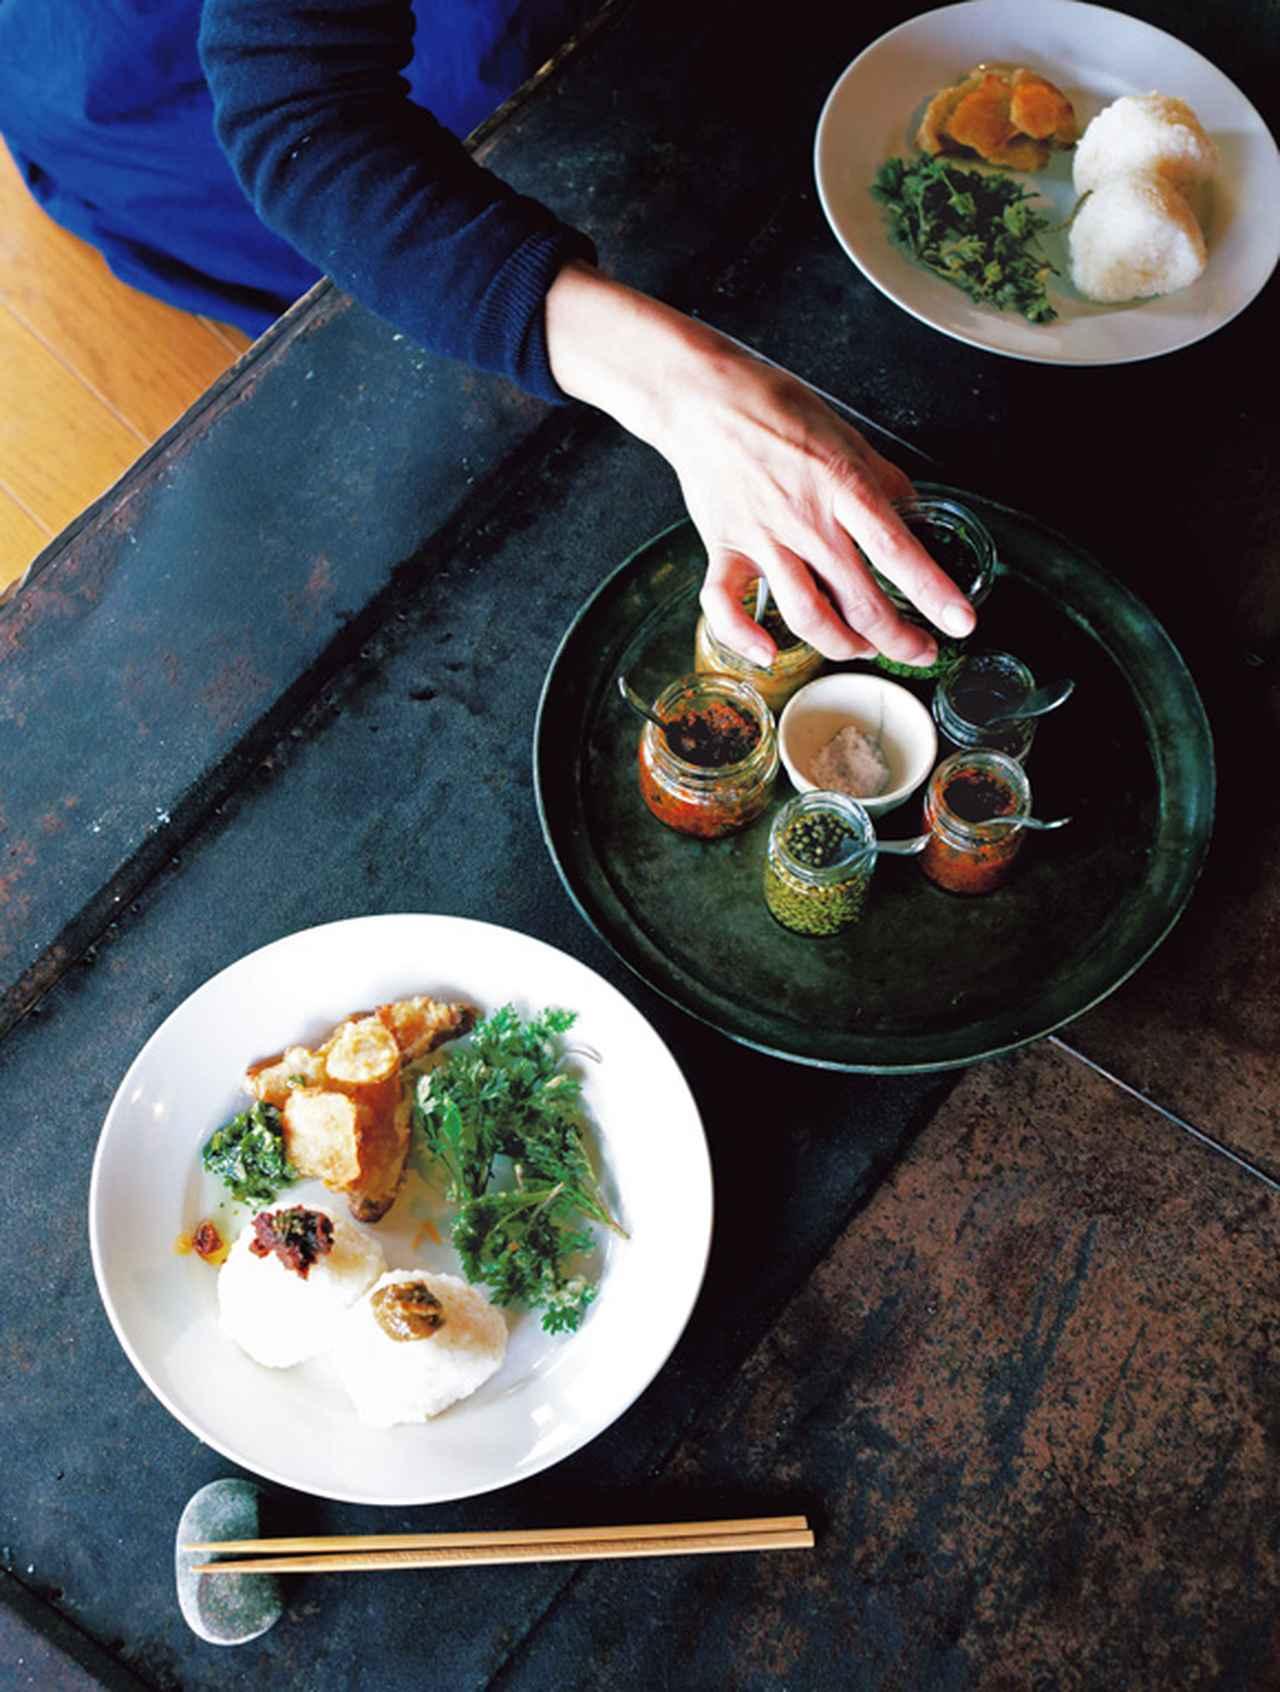 画像: この日は、おにぎりに菊いもとよもぎの天ぷらを添えたランチ。のびるのしょうゆ漬け、にんにくや鷹の爪、コリアンダーなどでつくったペーストを添え、自分好みの味で食べる